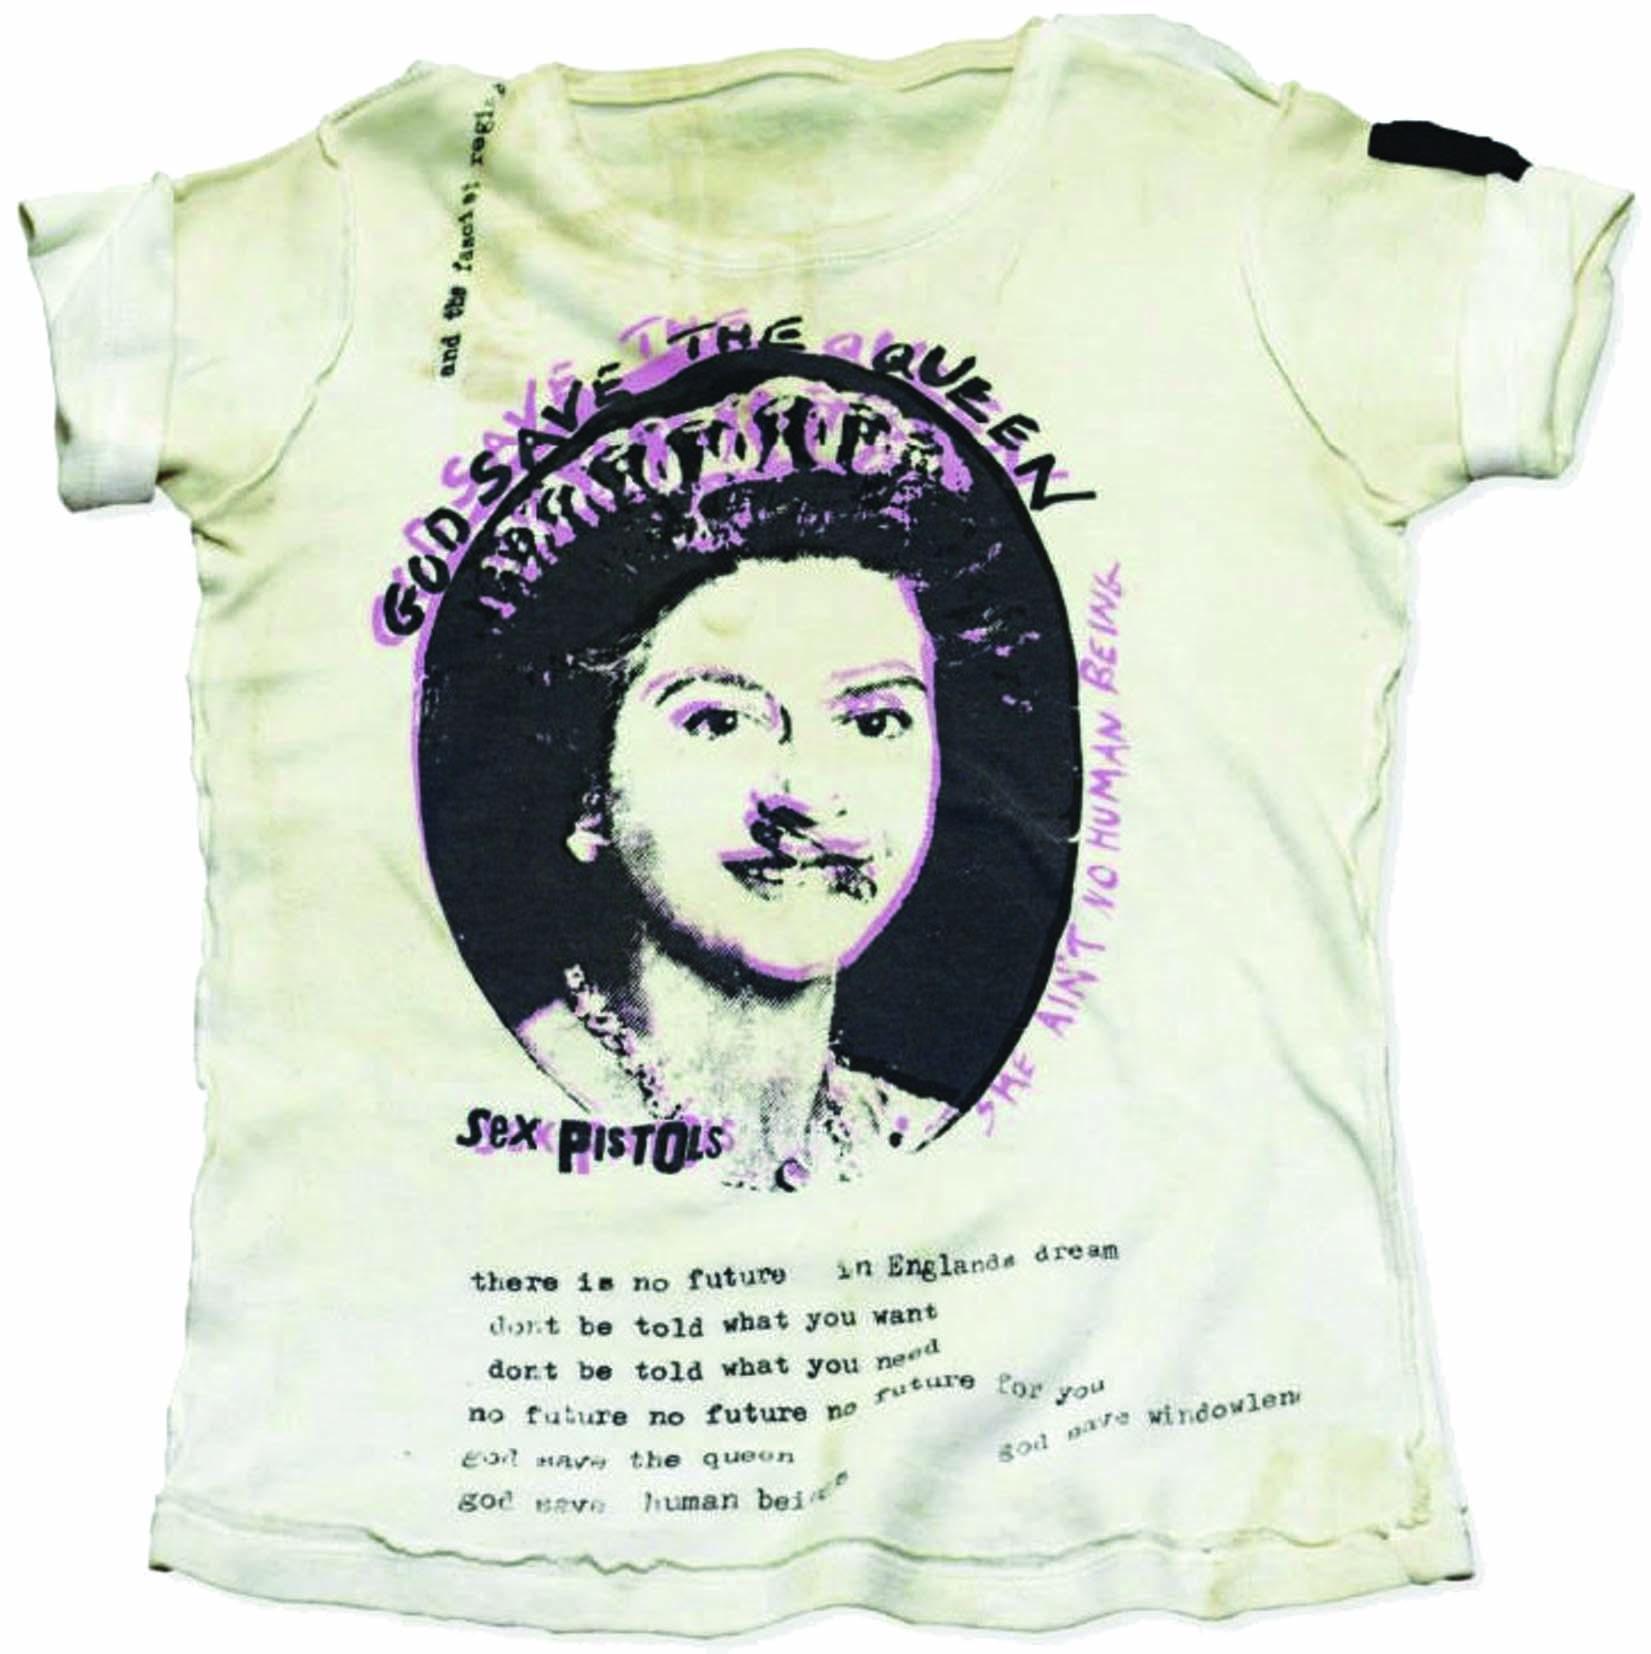 GSTQ - T-shirt 1977